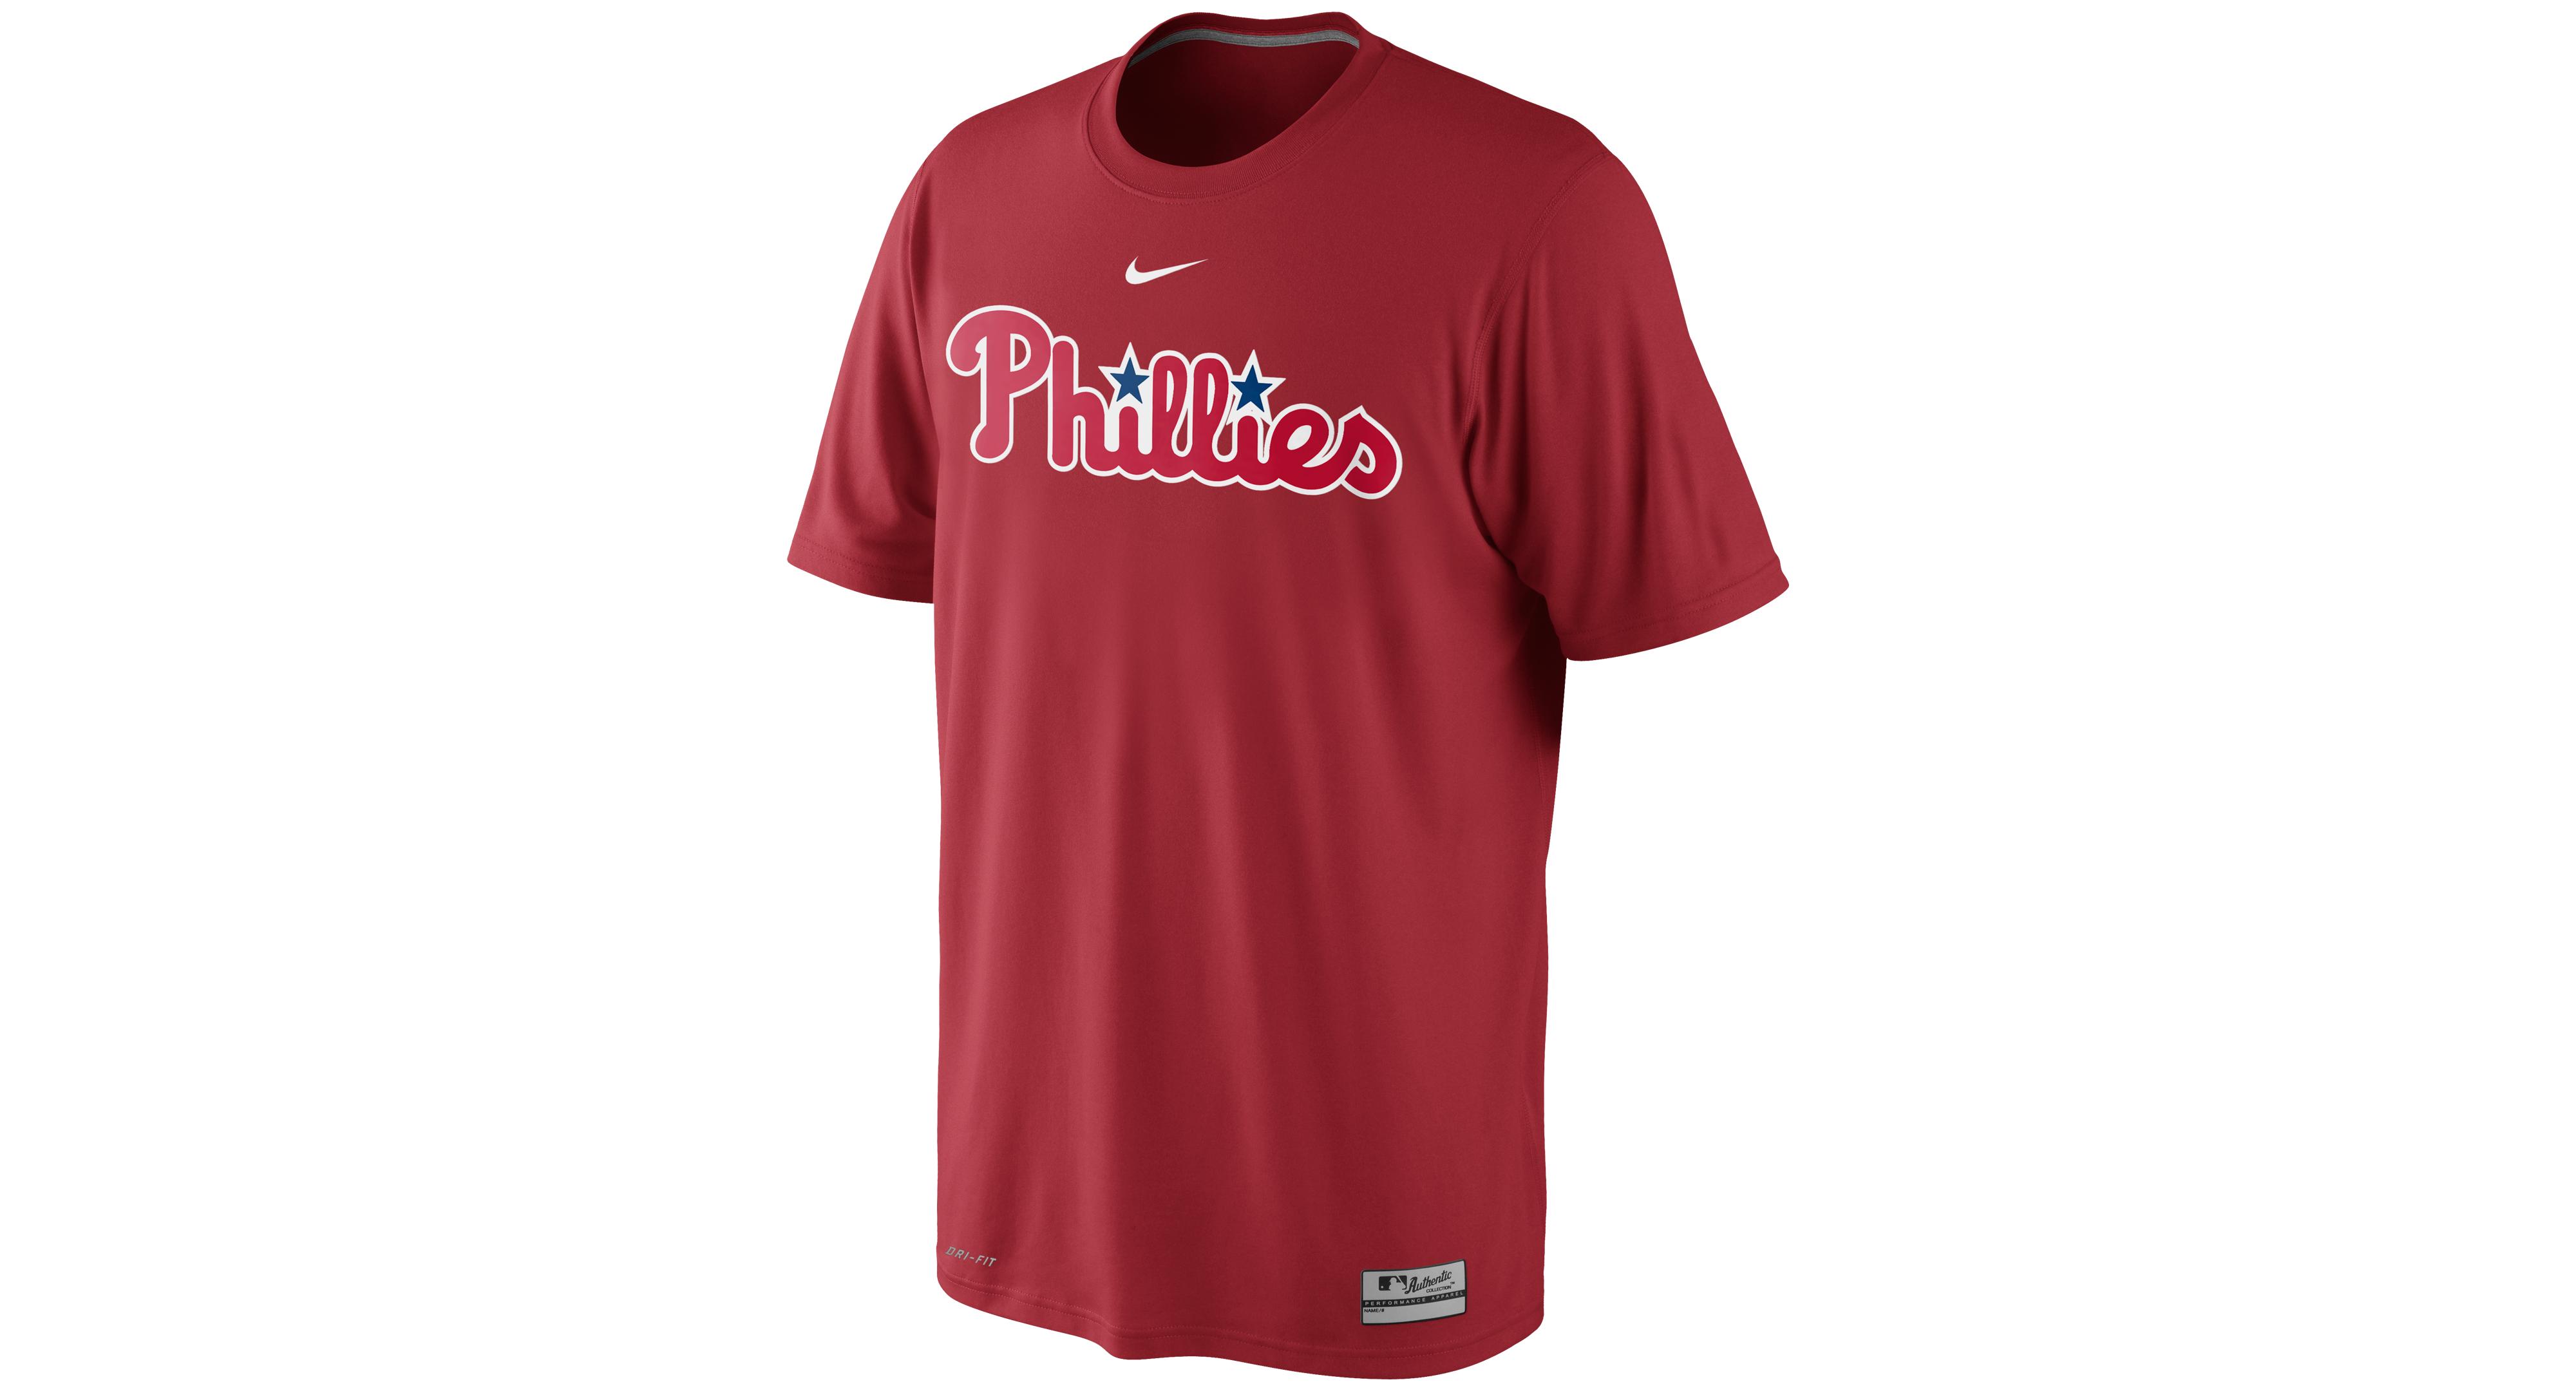 Nike Men's Short-Sleeve Dri-fit Philadelphia Phillies T-Shirt